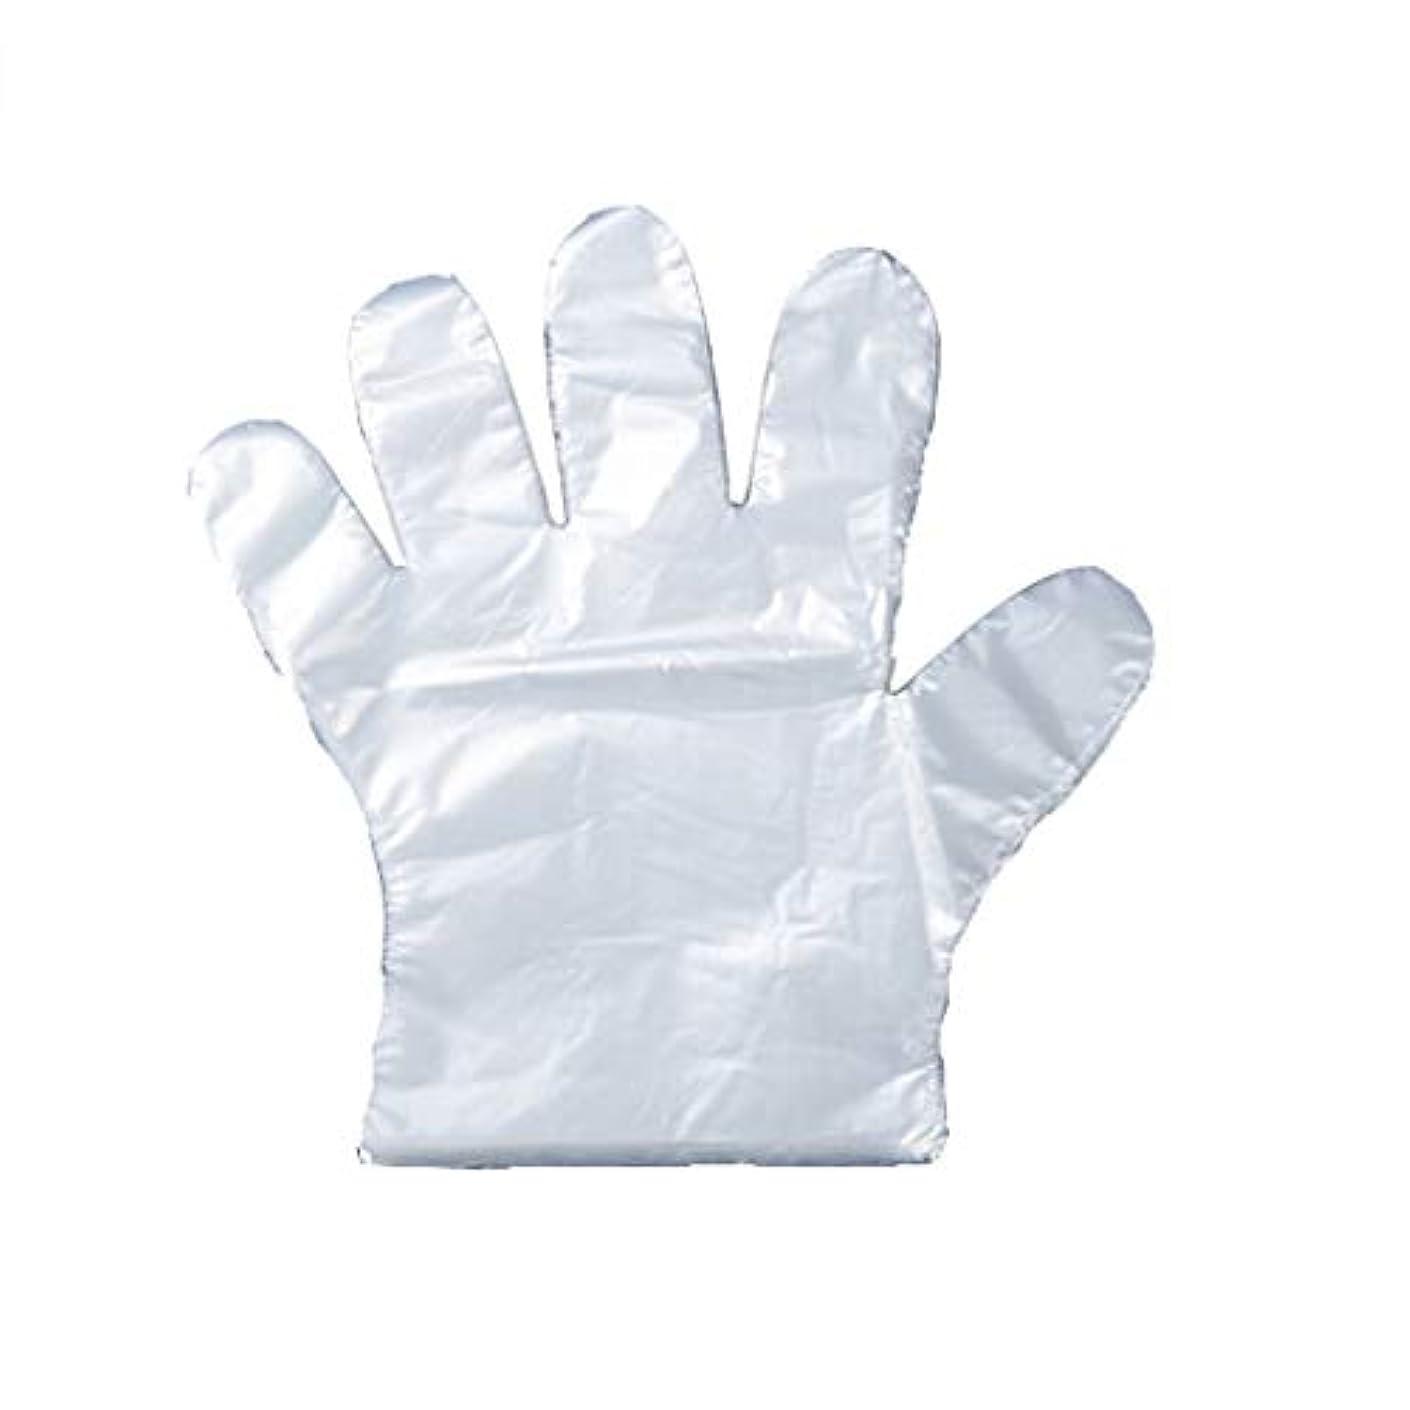 国籍ゴミ箱を空にするただ手袋の使い捨て手袋のフィルム家庭用キッチンの食品は、透明PEプラスチック手袋100パッケージを厚くした (UnitCount : 200)